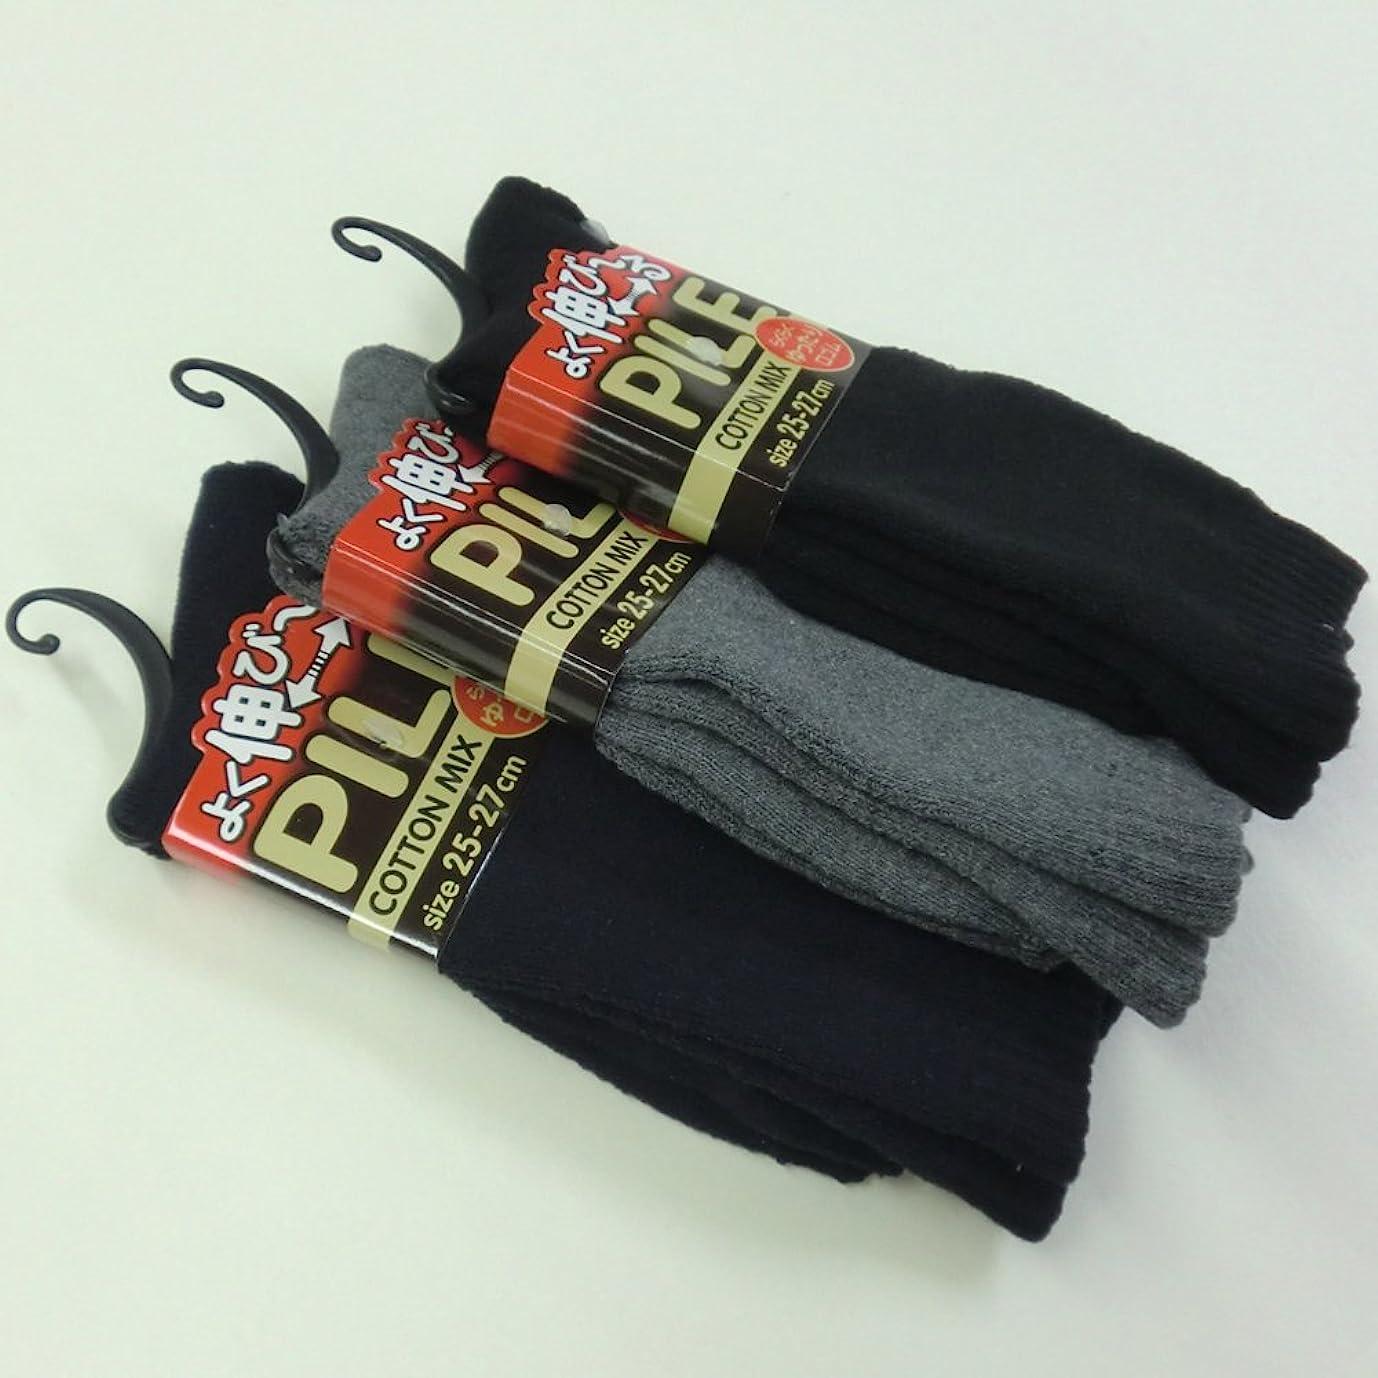 トレーニングジョリー歴史的靴下 あったか メンズ 綿混 パイルソックス 厚手 25-27cm 3足組(色はお任せ)